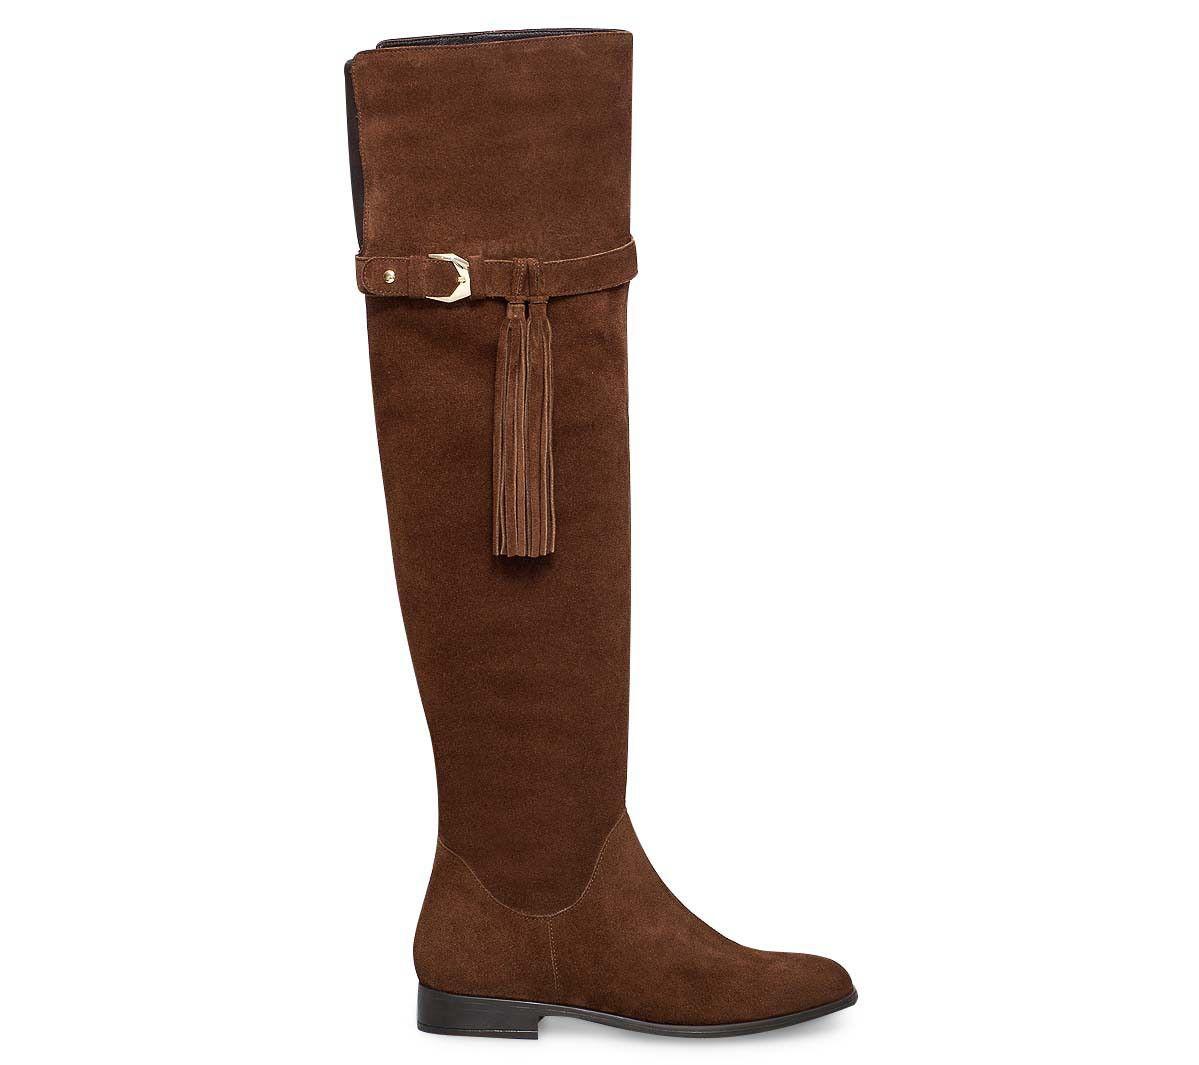 botte cuissarde croûte de cuir marron - bottes - chaussures femme